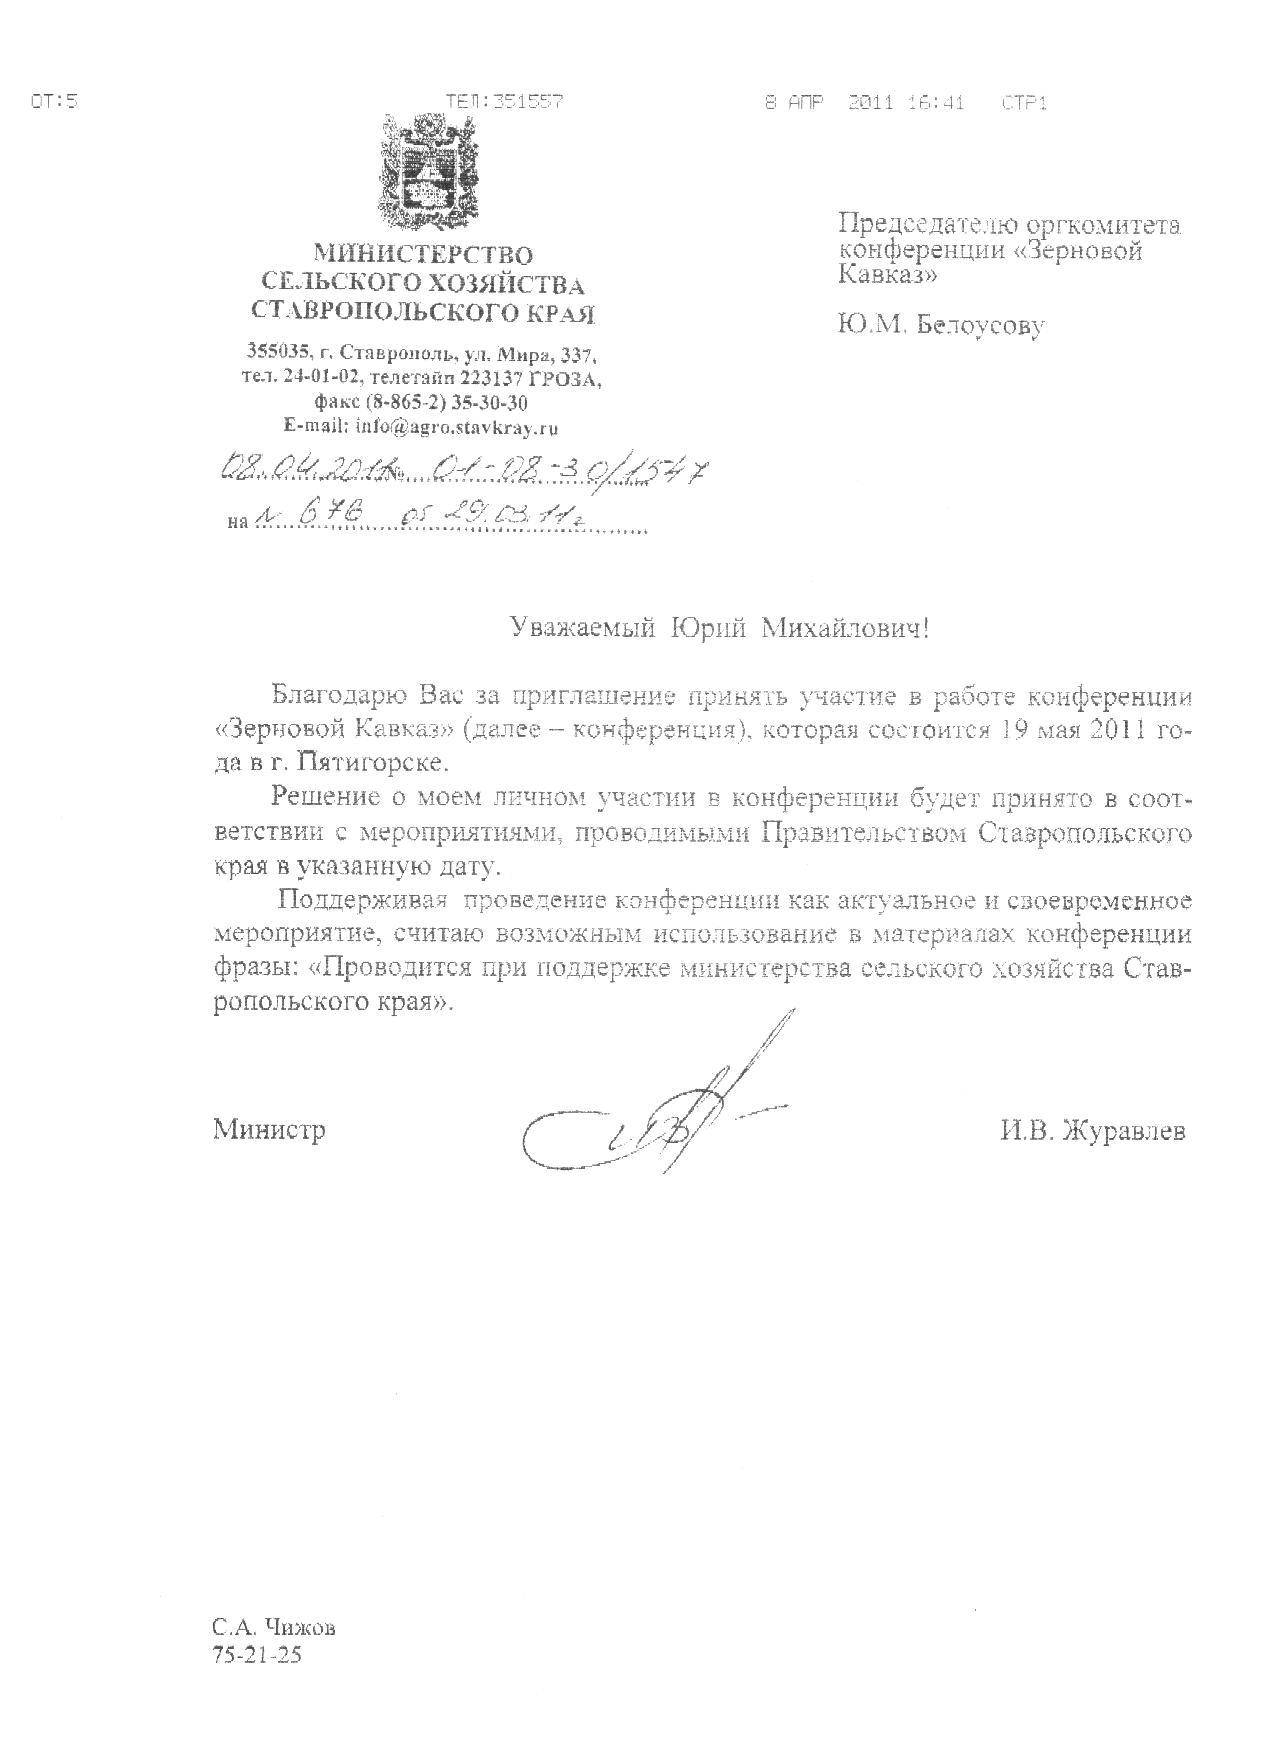 Министерство сельского хозяйства Ставропольского края